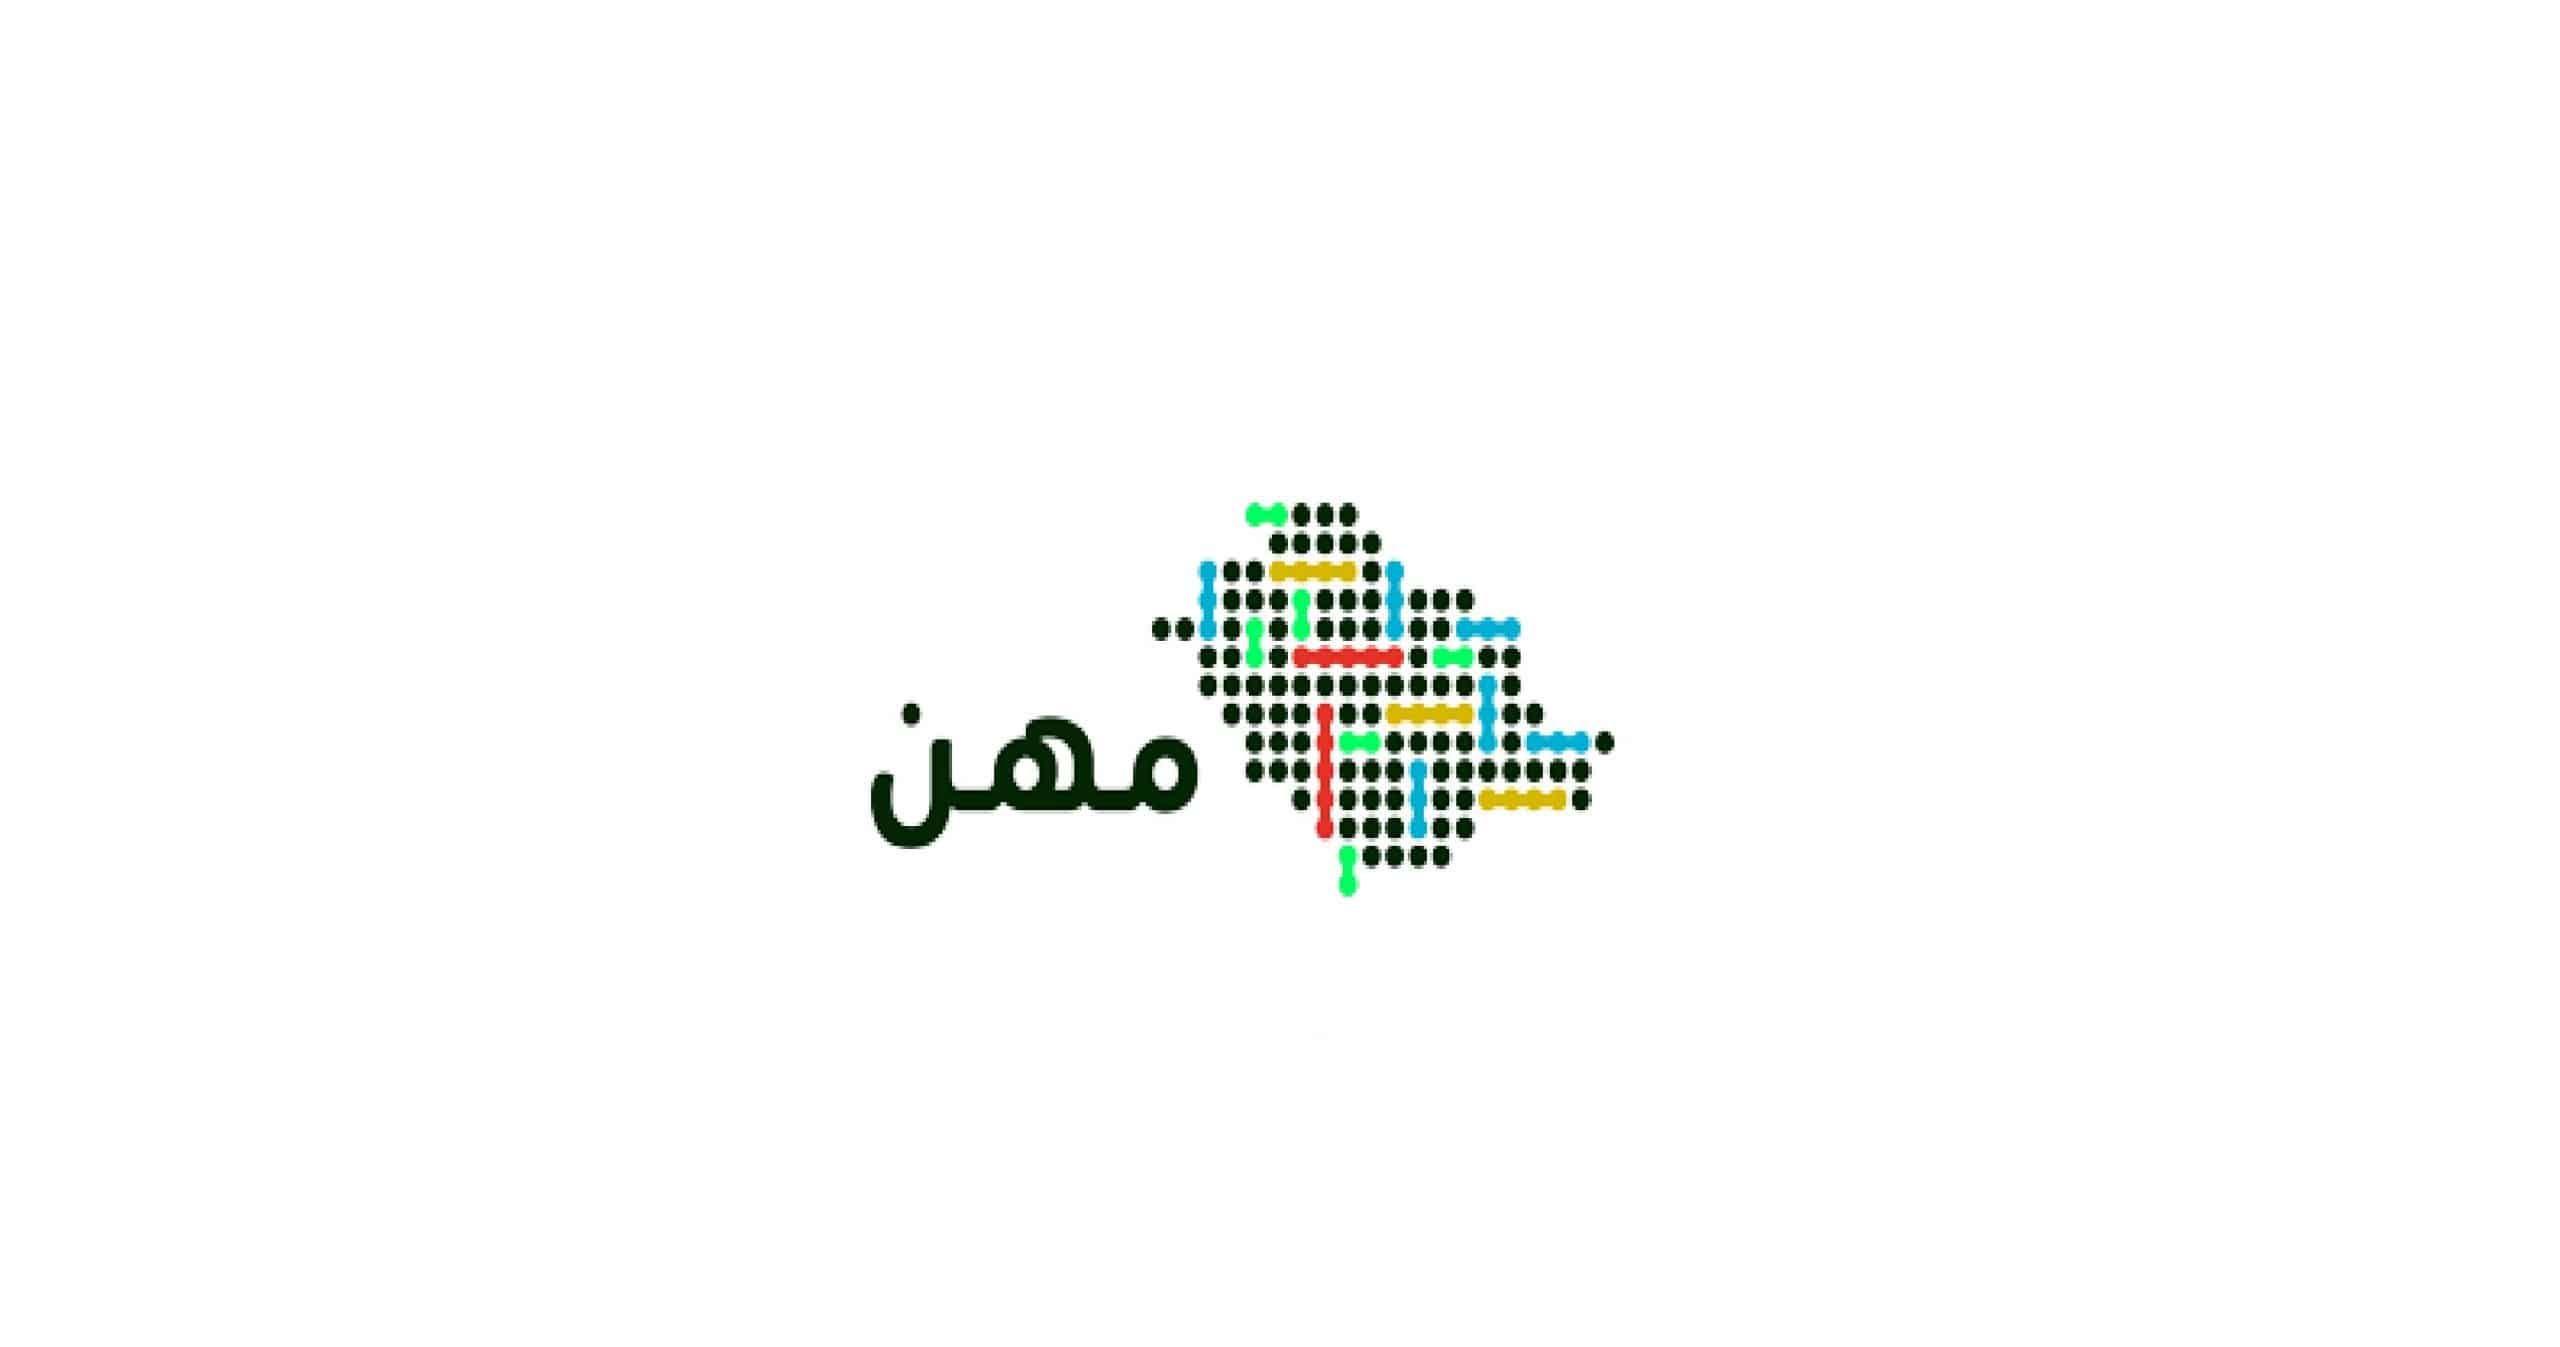 مهن يعلن عن طرح أكثر من 10 000 وظيفة للرجال والنساء حملة كافة المؤهلات للعمل في 148 شركة سعود Arabic Calligraphy